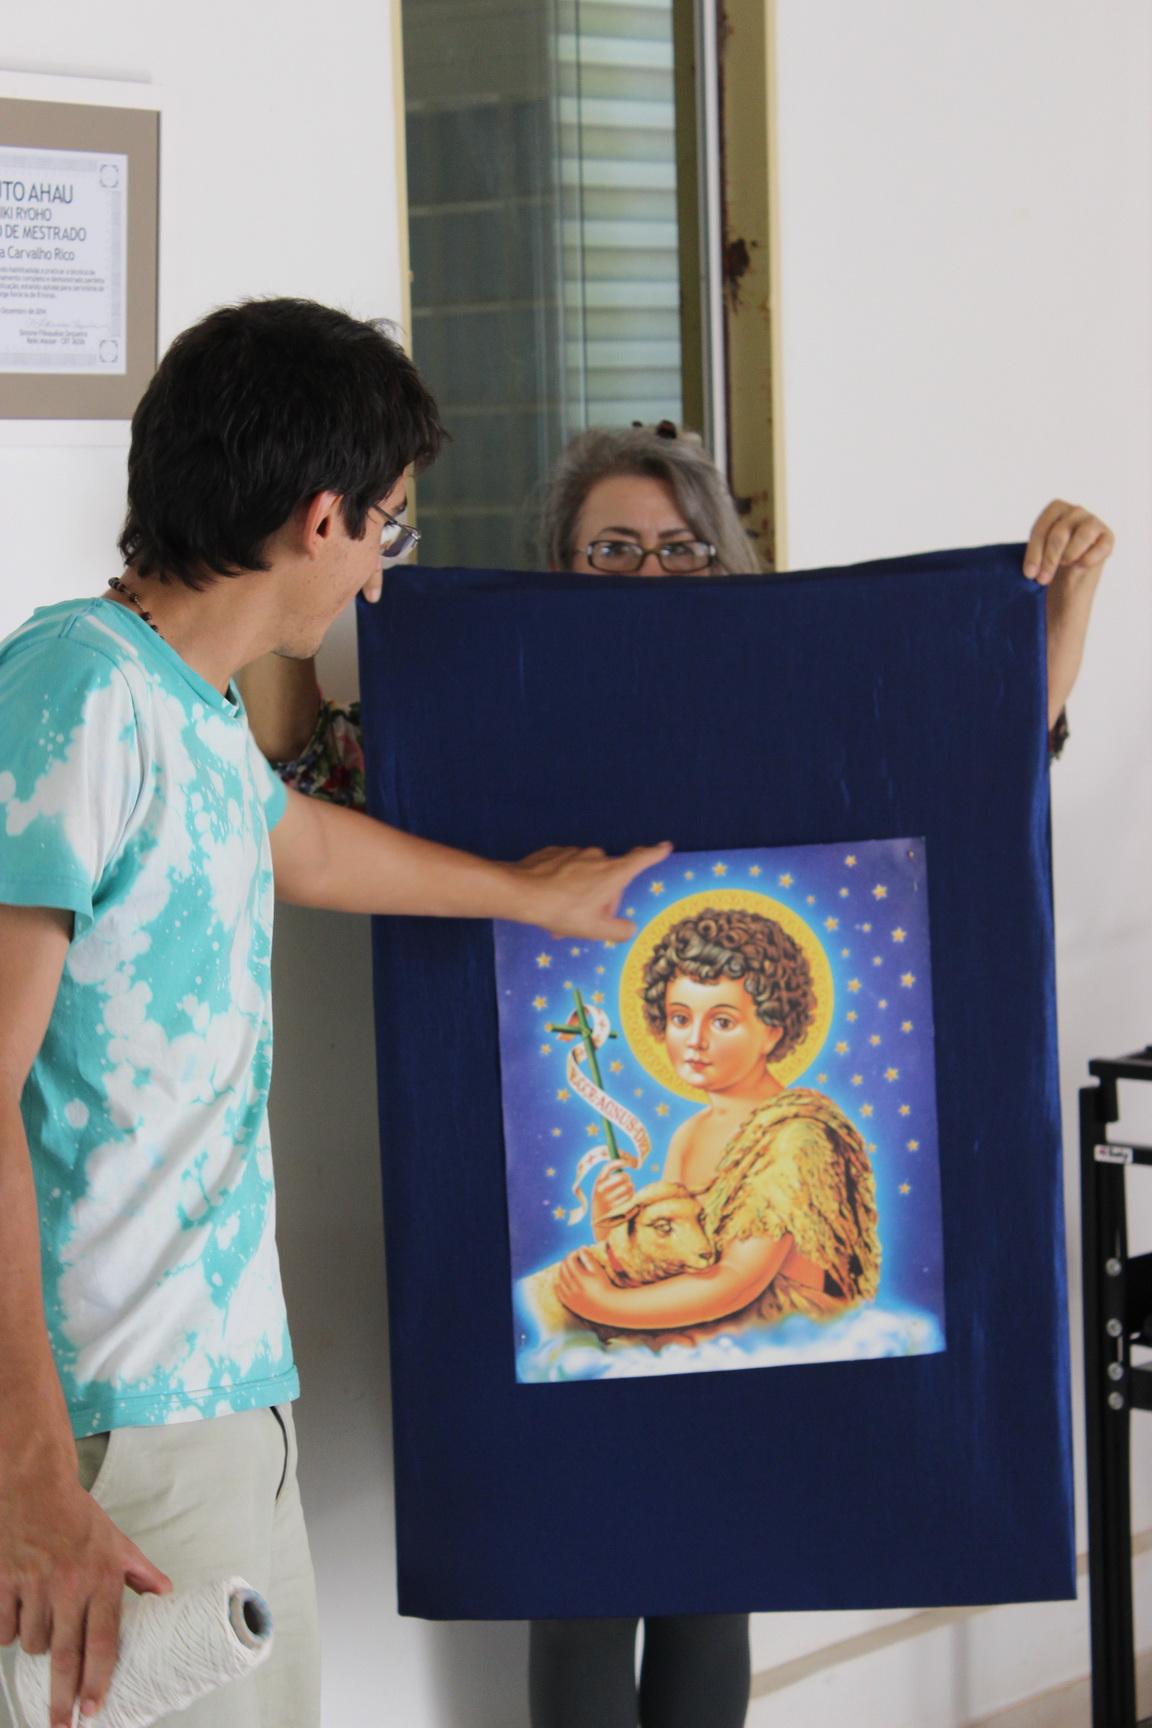 Mutirão de preparação dos Festejos de São João - 24-05-201506.JPG